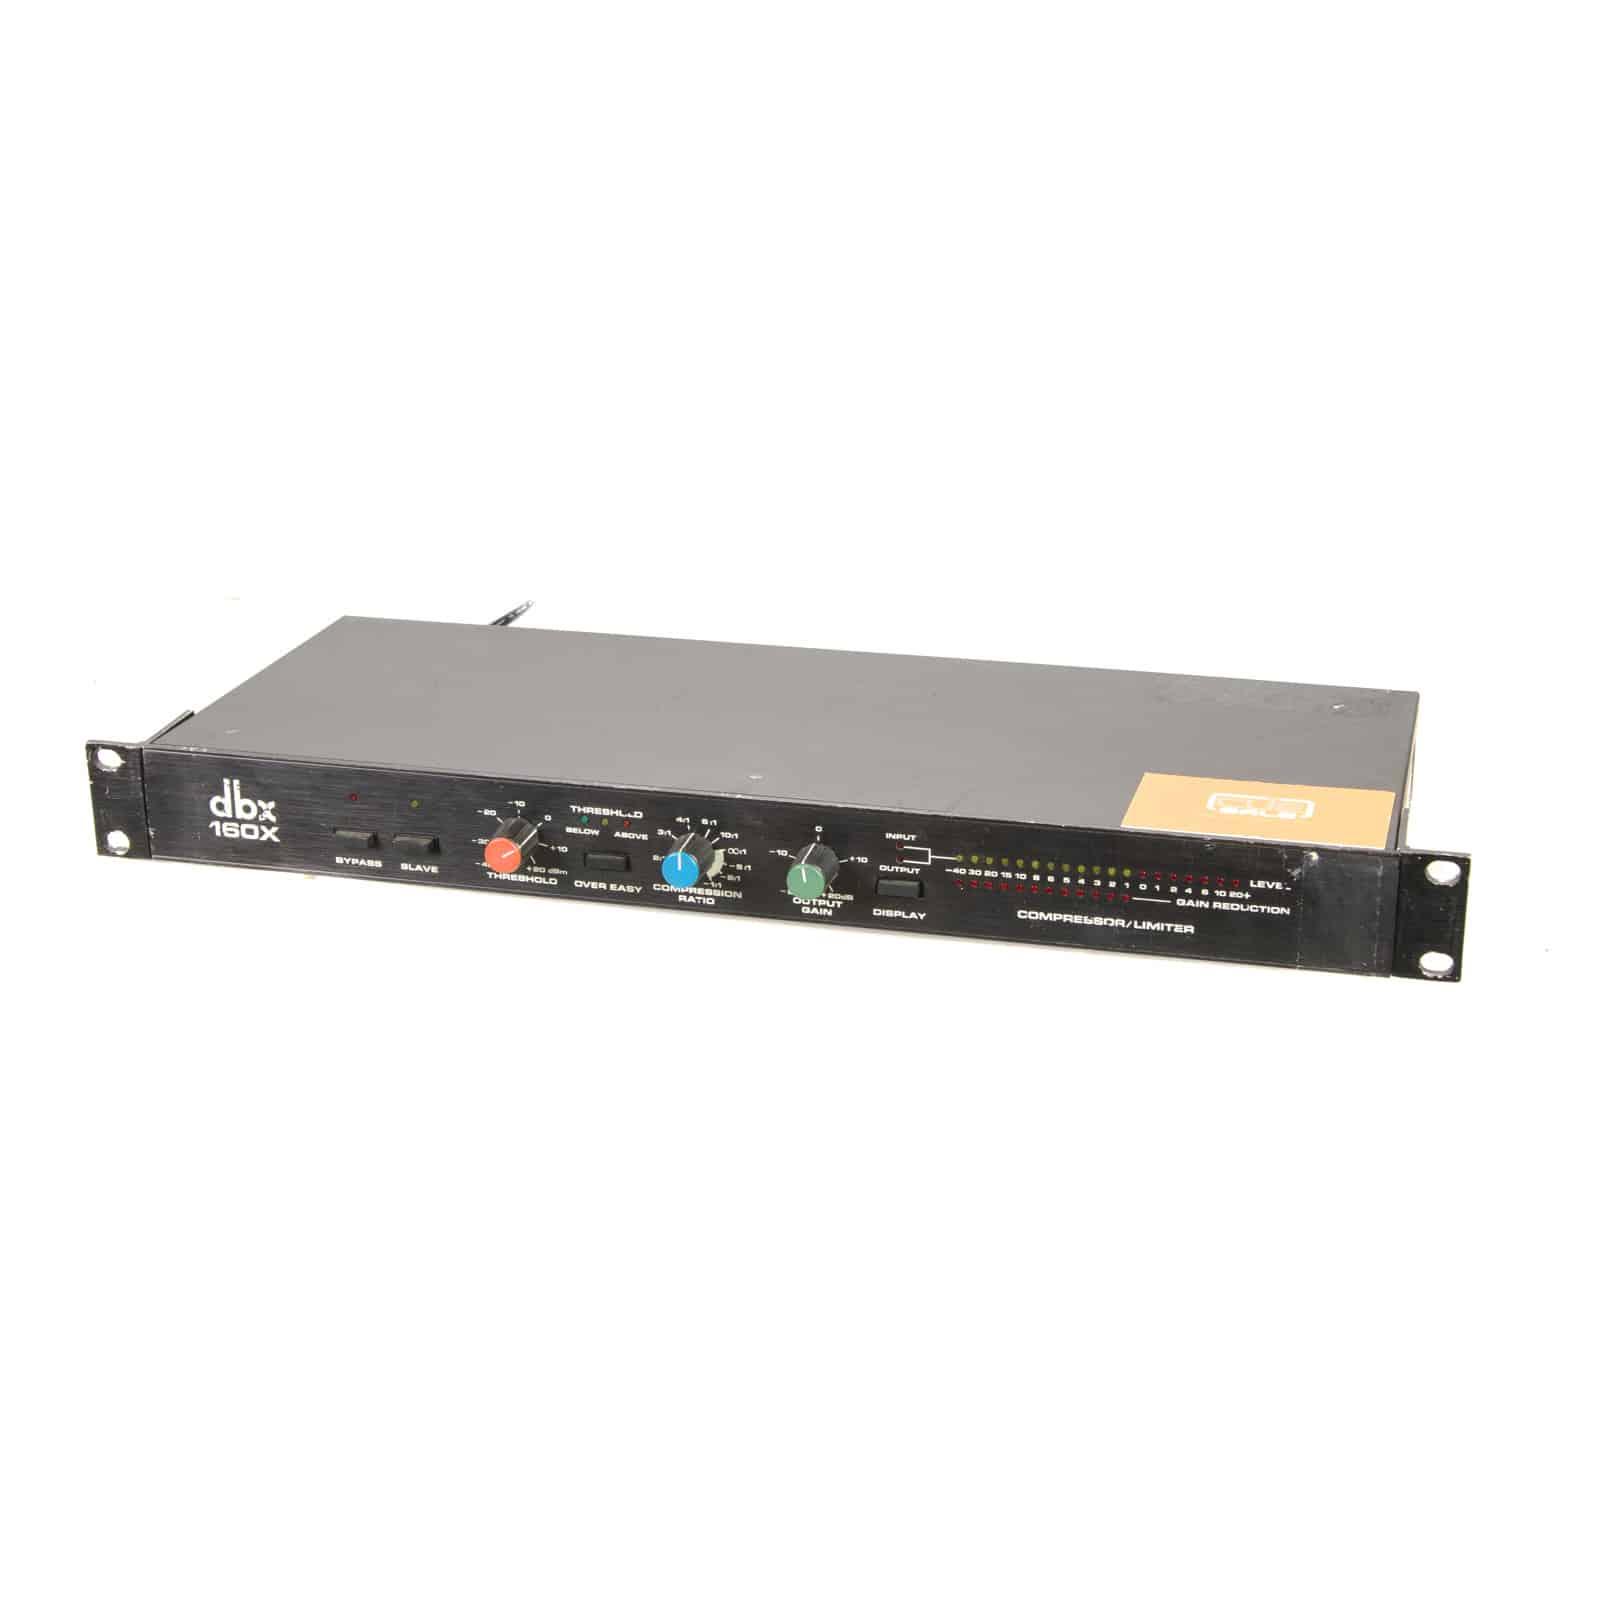 DBX 160X Compressor / Limiter